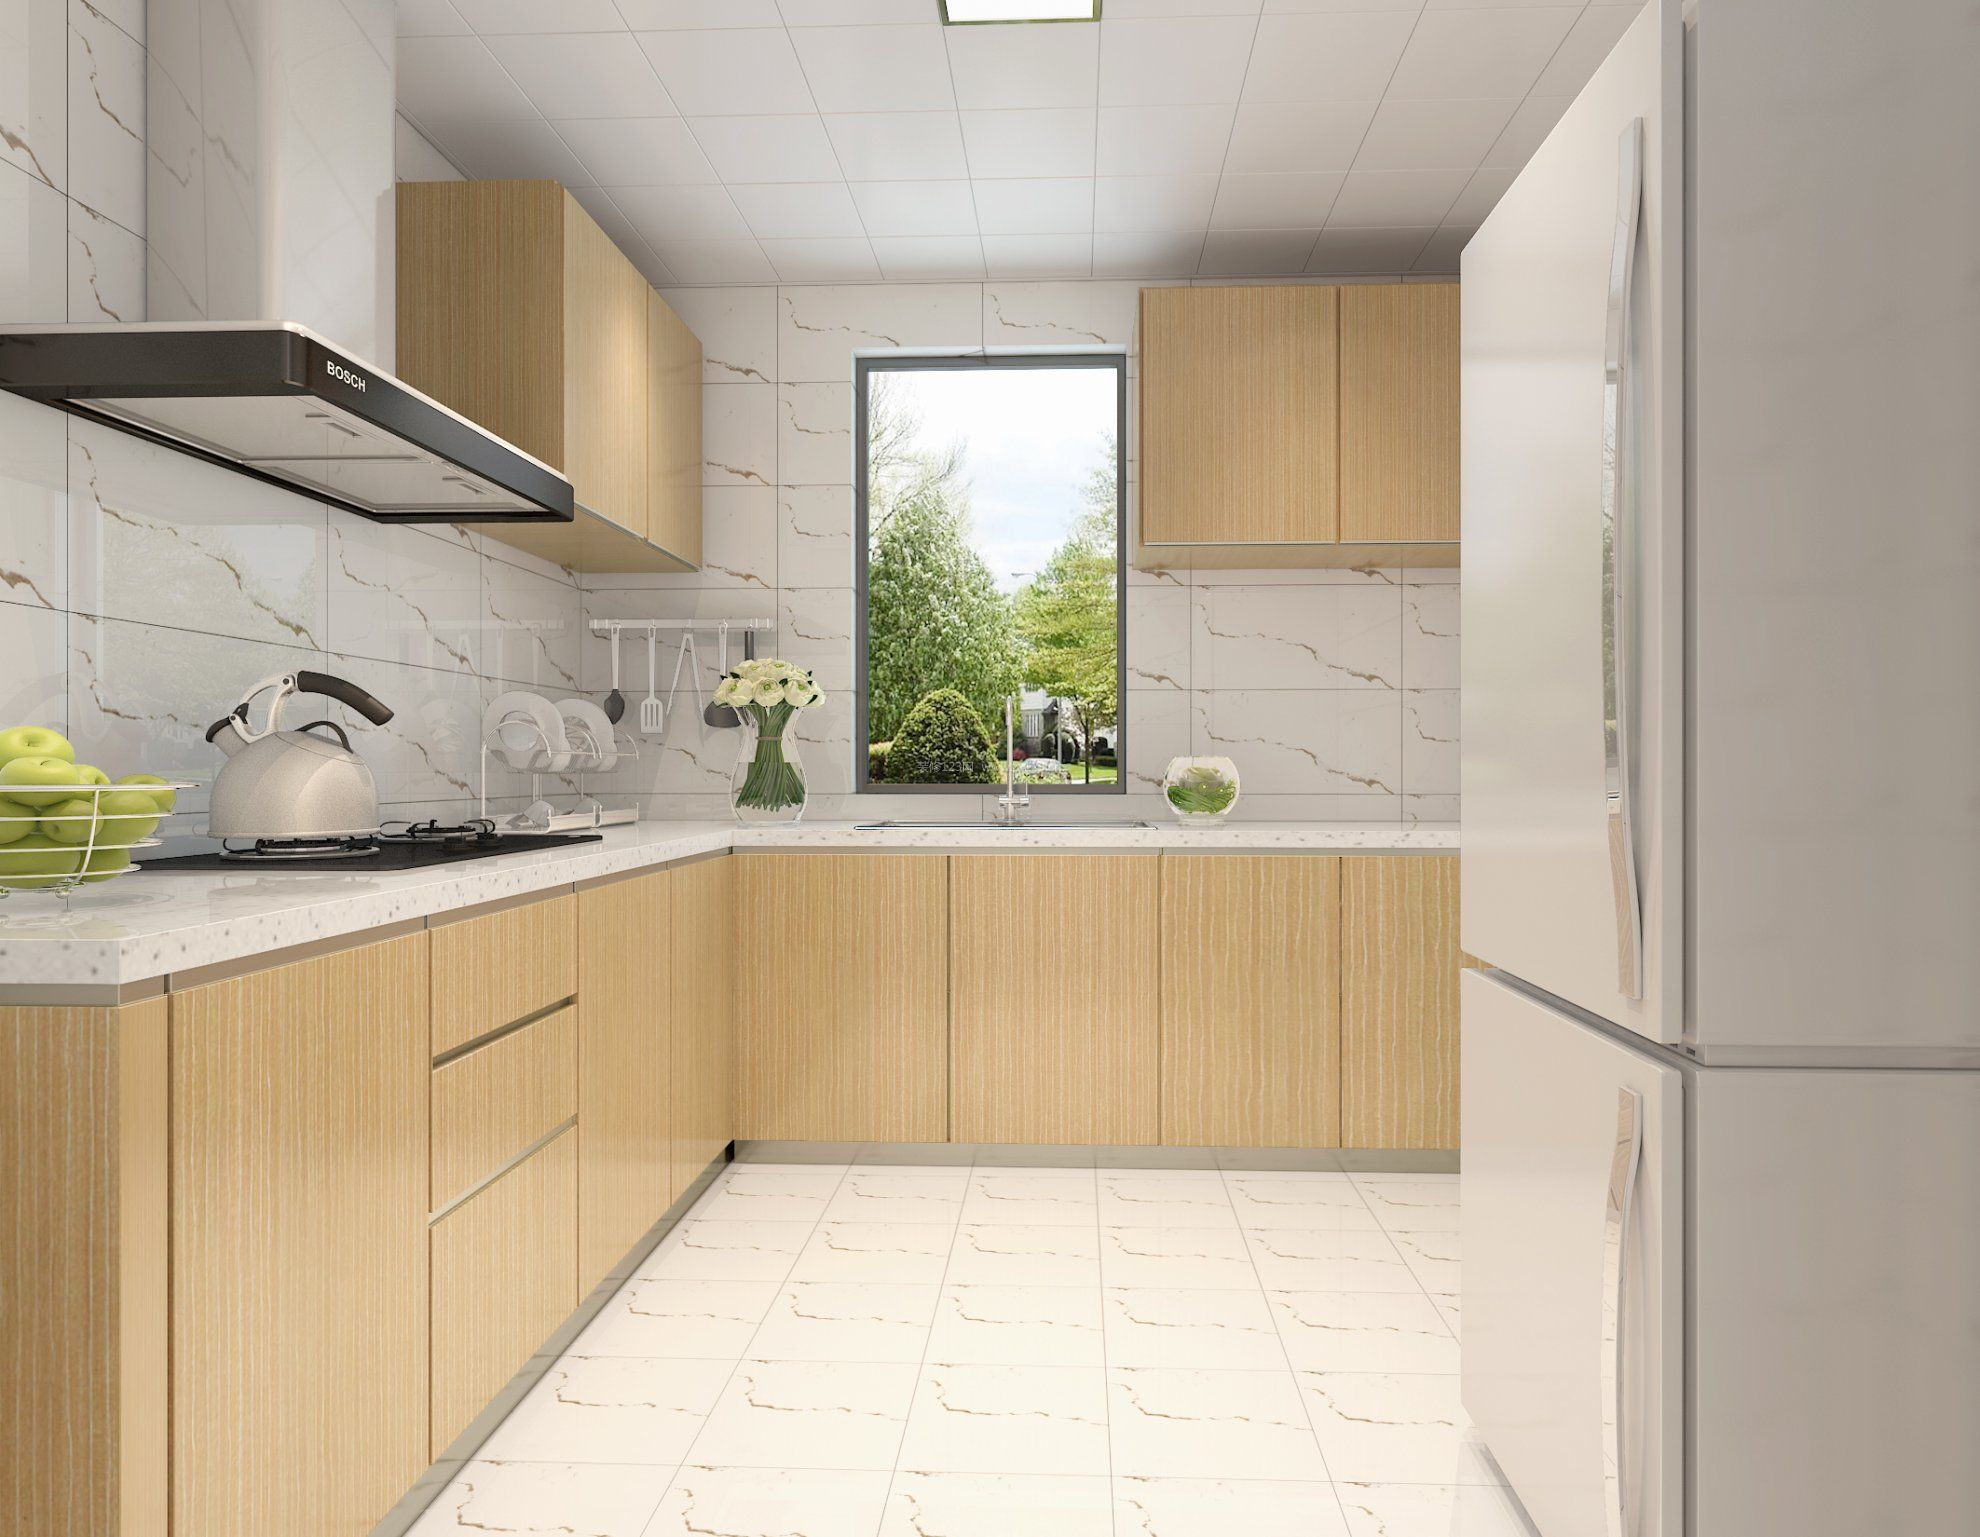 橱柜设计主要还是以:现代风格,欧式风格,地中海风格,日系,原木,红橡